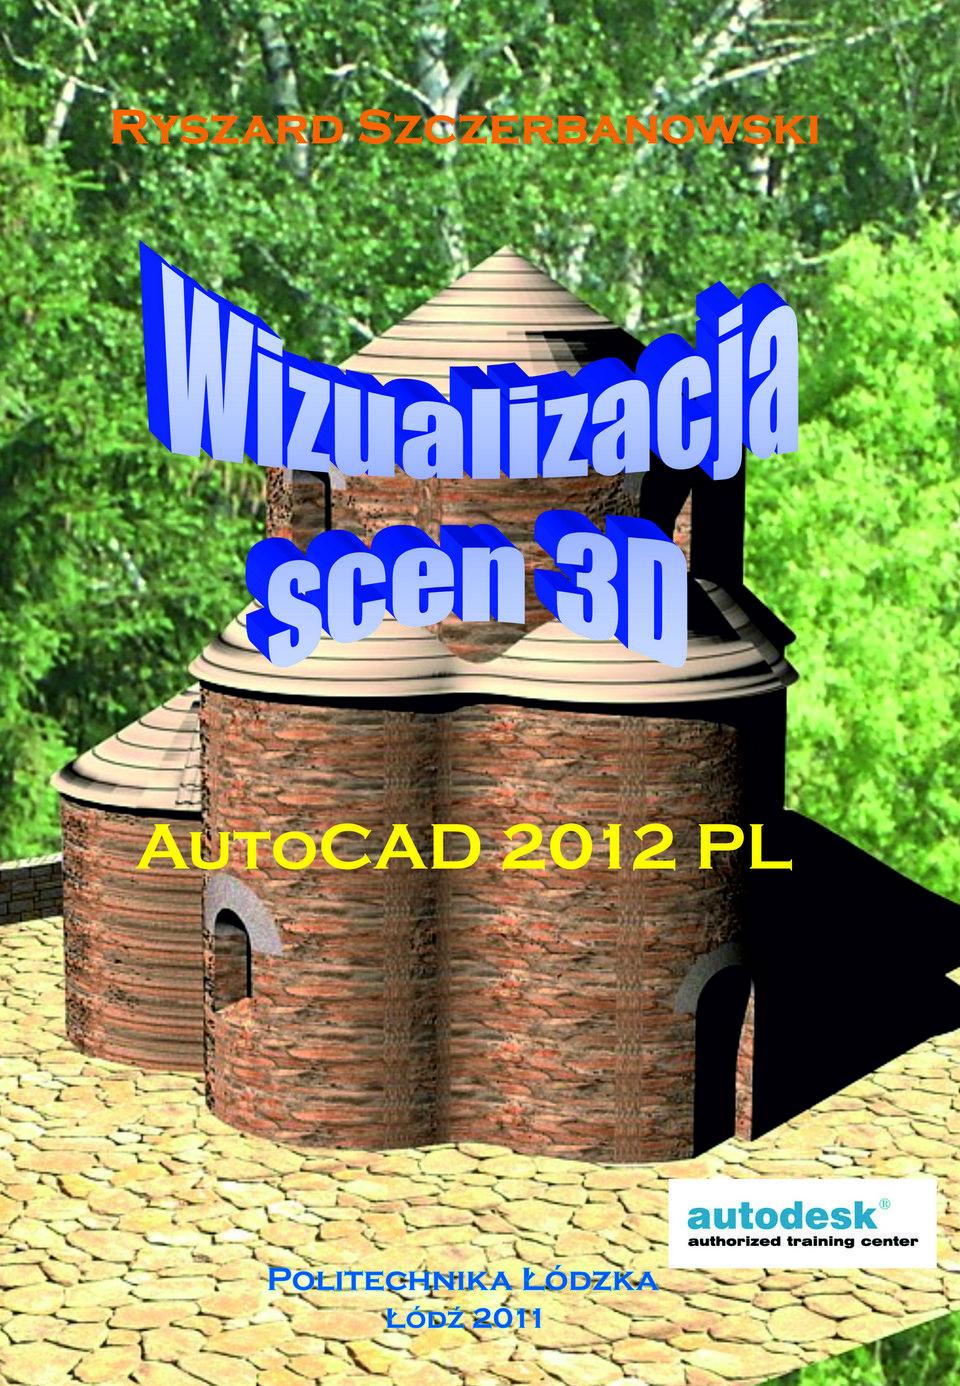 ZESTAW: Wizualizacja scen 3D | Modelowanie w przestrzeni 3D